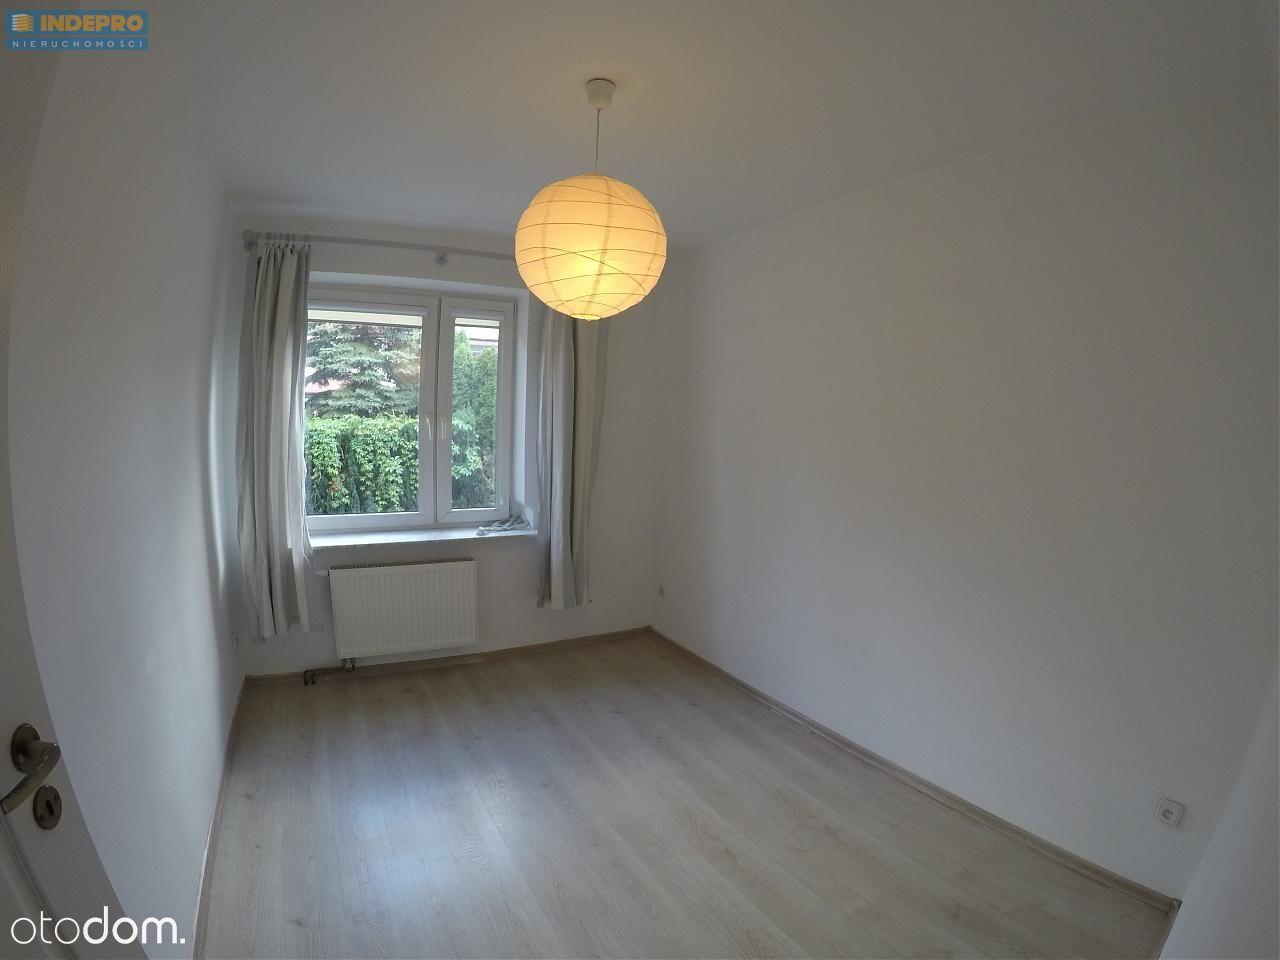 Mieszkanie na sprzedaż, Piaseczno, piaseczyński, mazowieckie - Foto 15